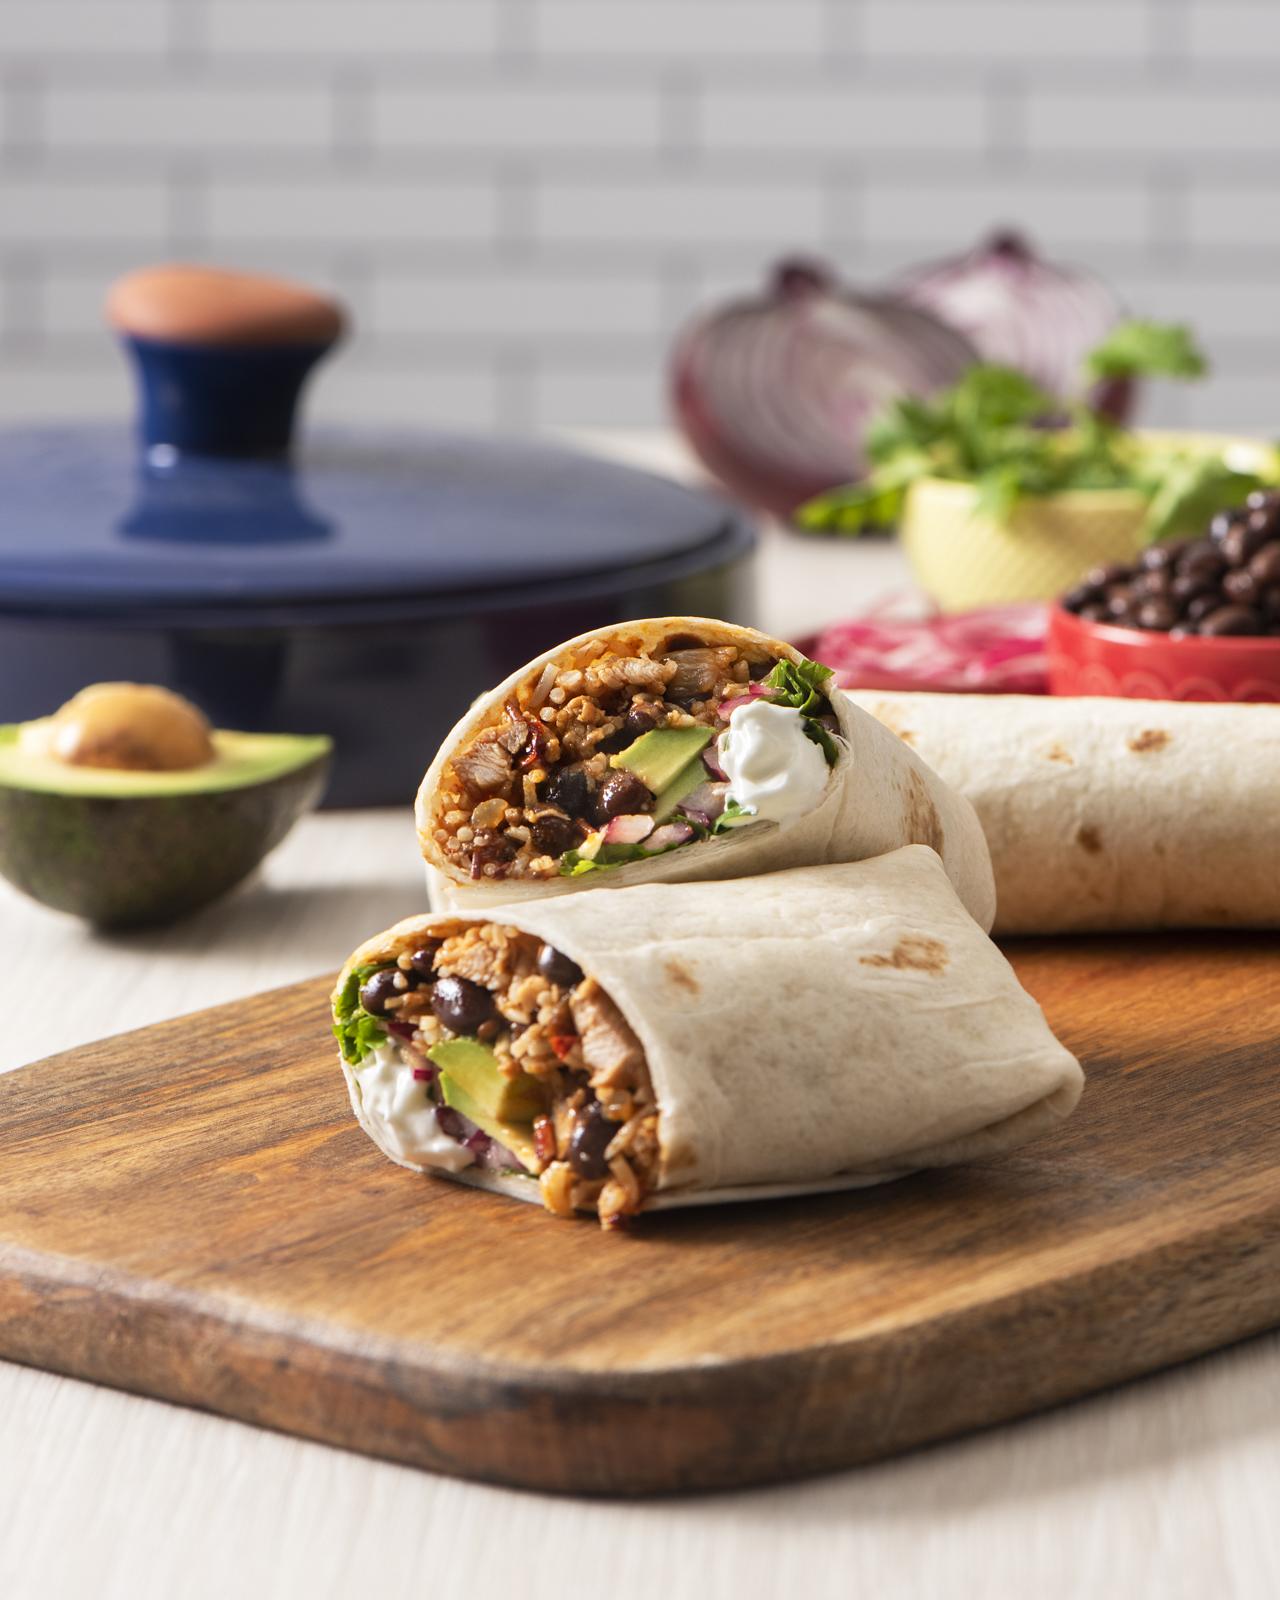 Slow Cooker Chipotle Chicken Burrito Recipe